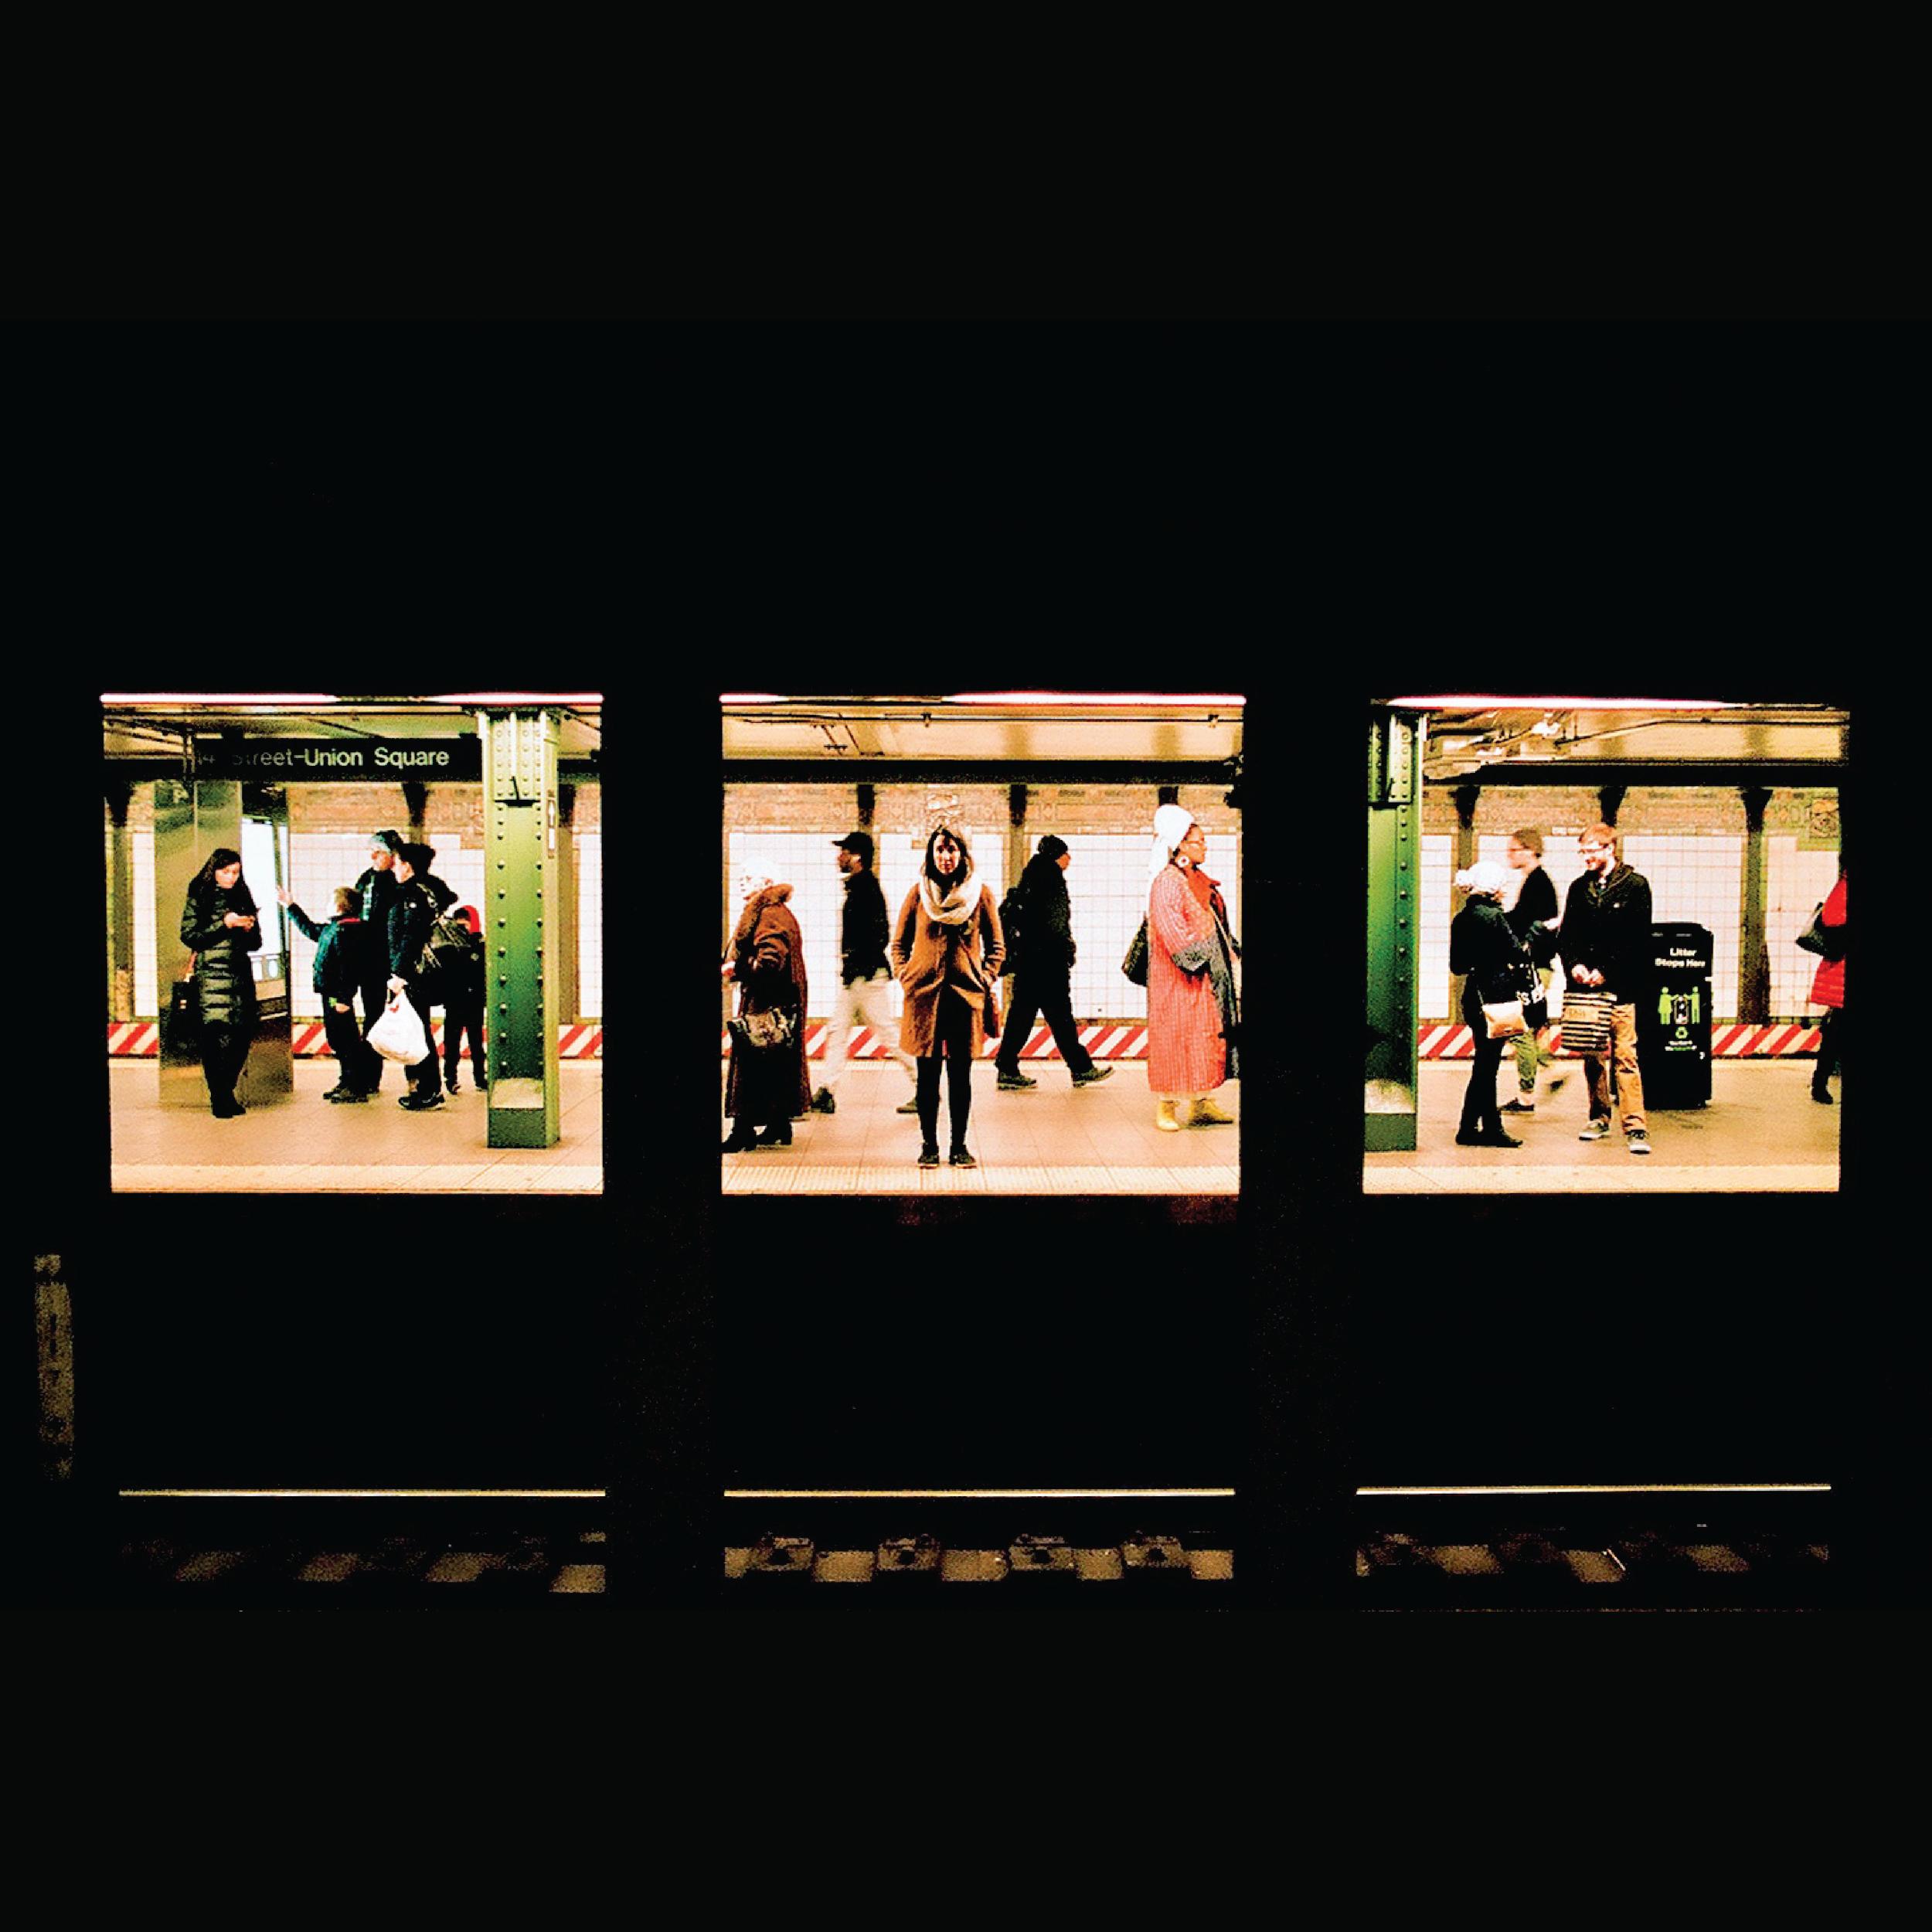 kate_subway-01.png